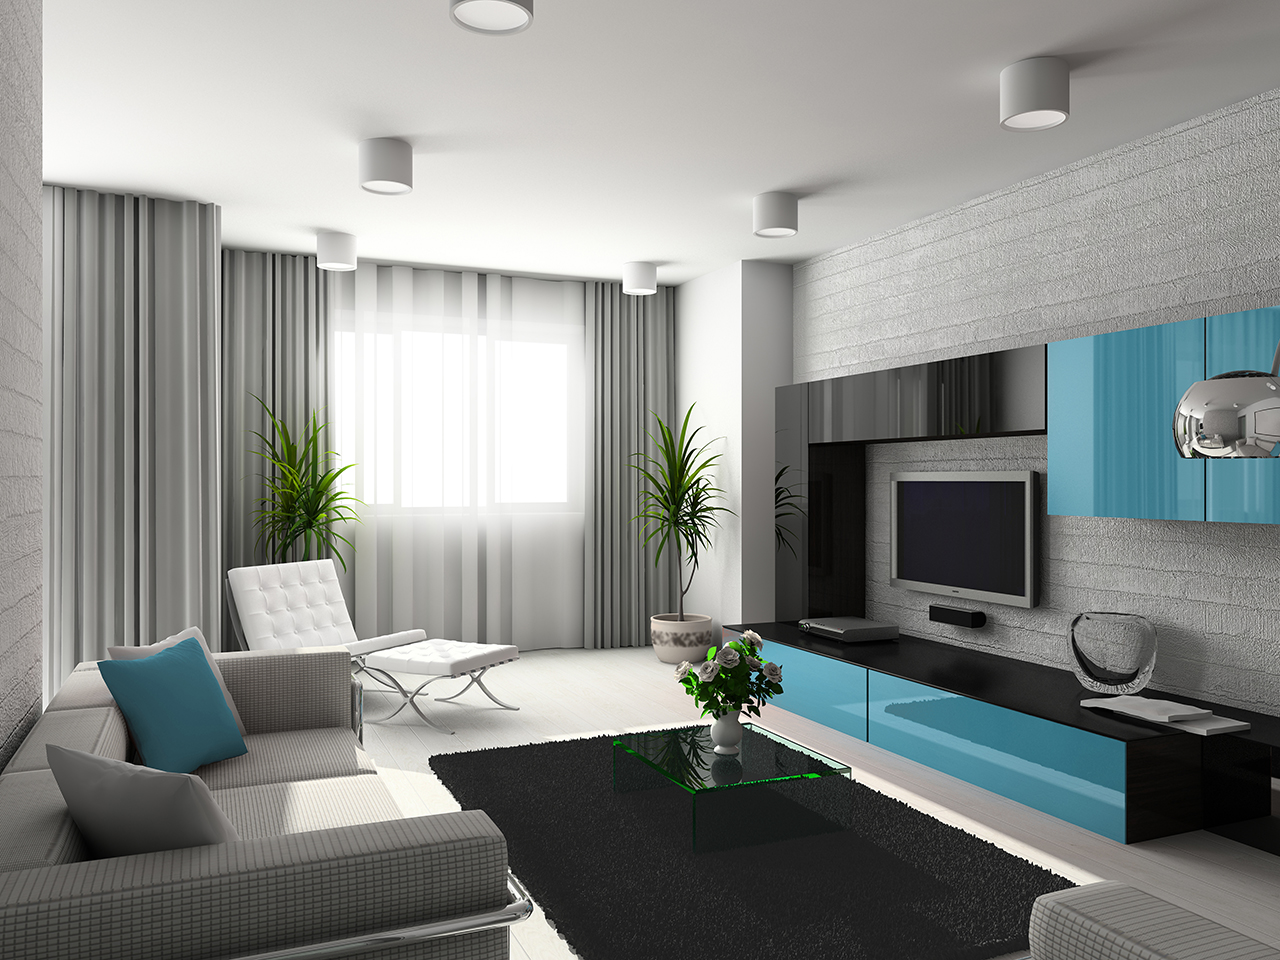 Гостиная 16 квадратов дизайн